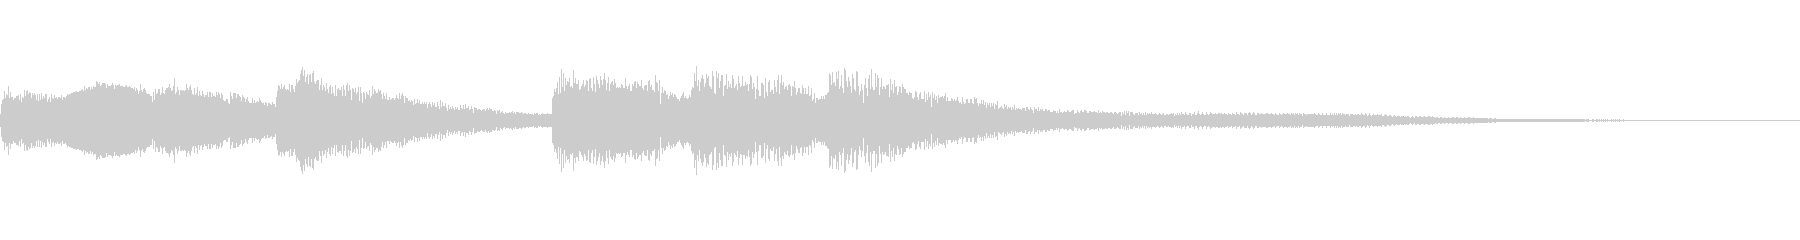 お洒落なサウンドロゴ/ジャズ/ピアノソロの未再生の波形